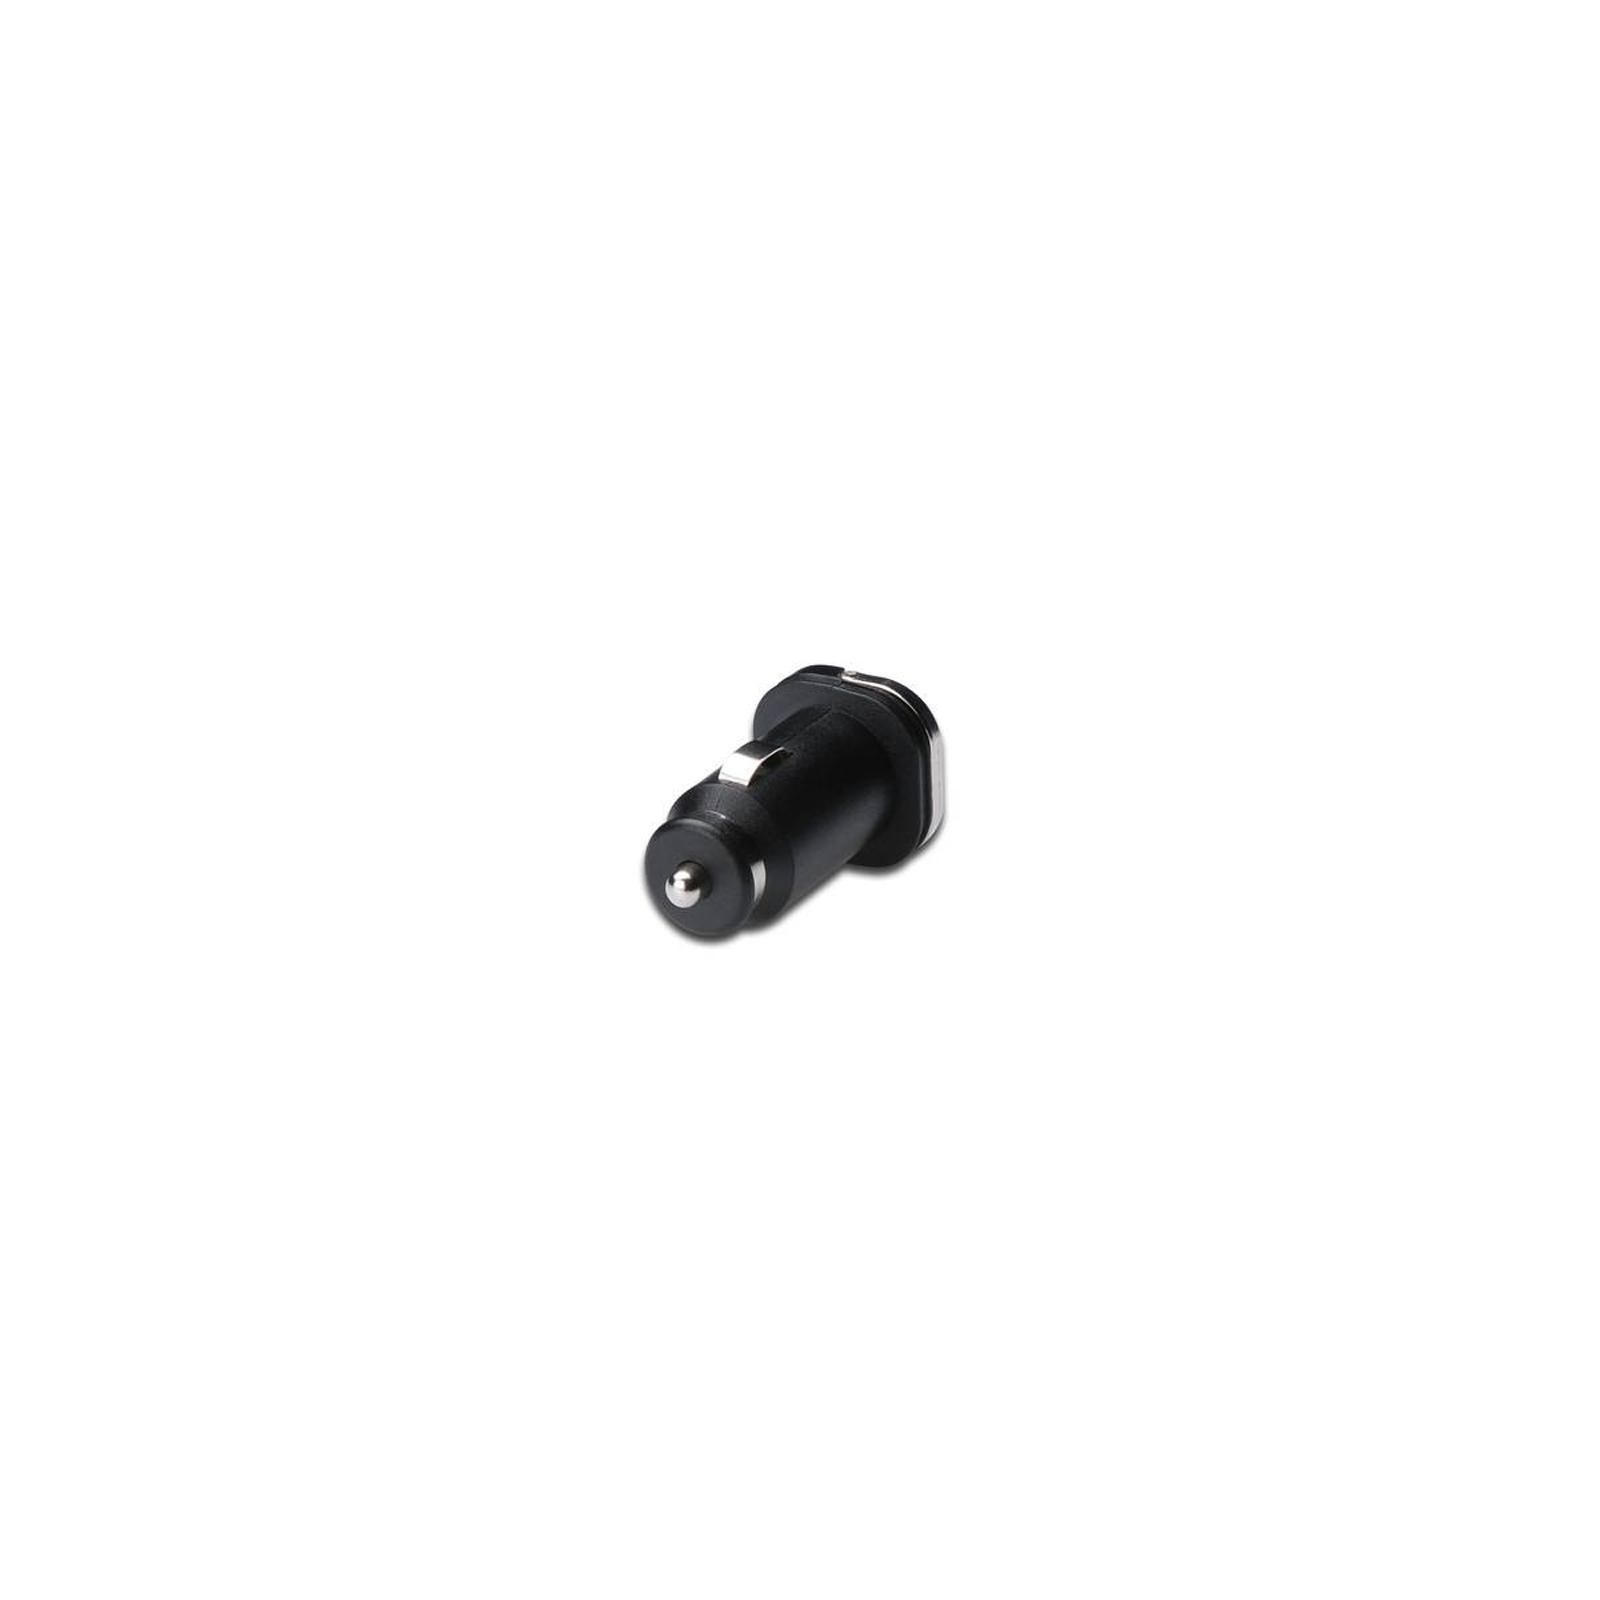 Зарядное устройство DIGITUS DA-11001 изображение 4